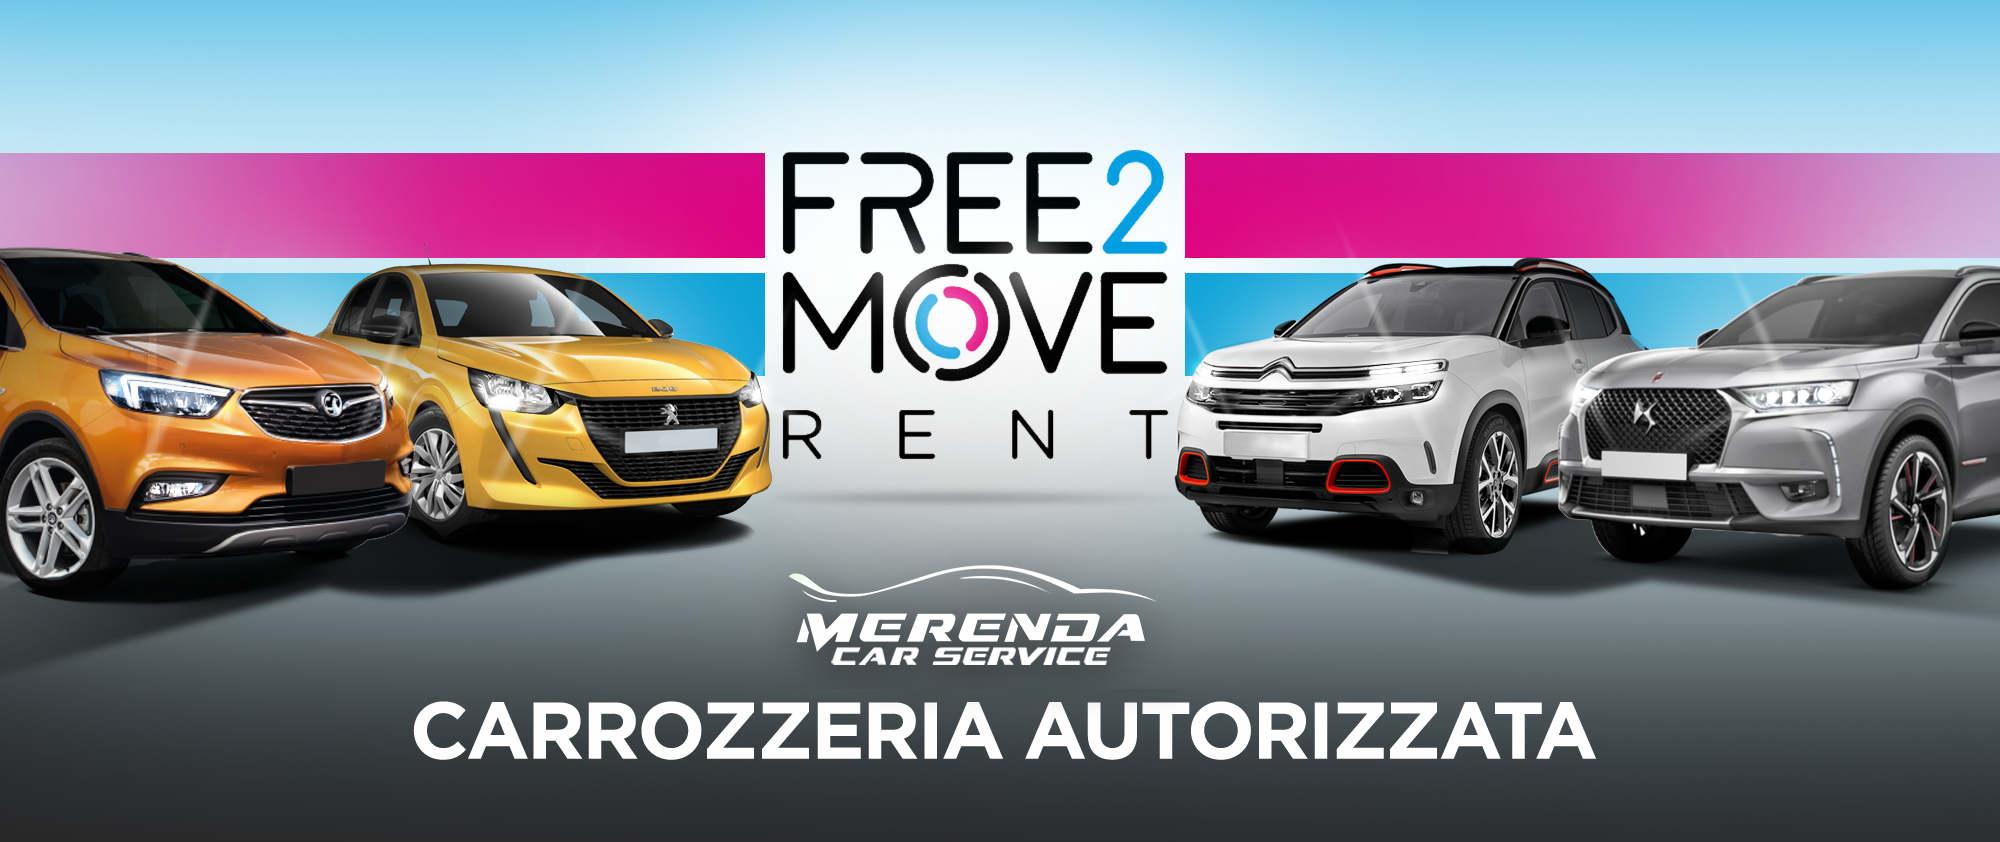 carrozzeria autorizzata Free2Move